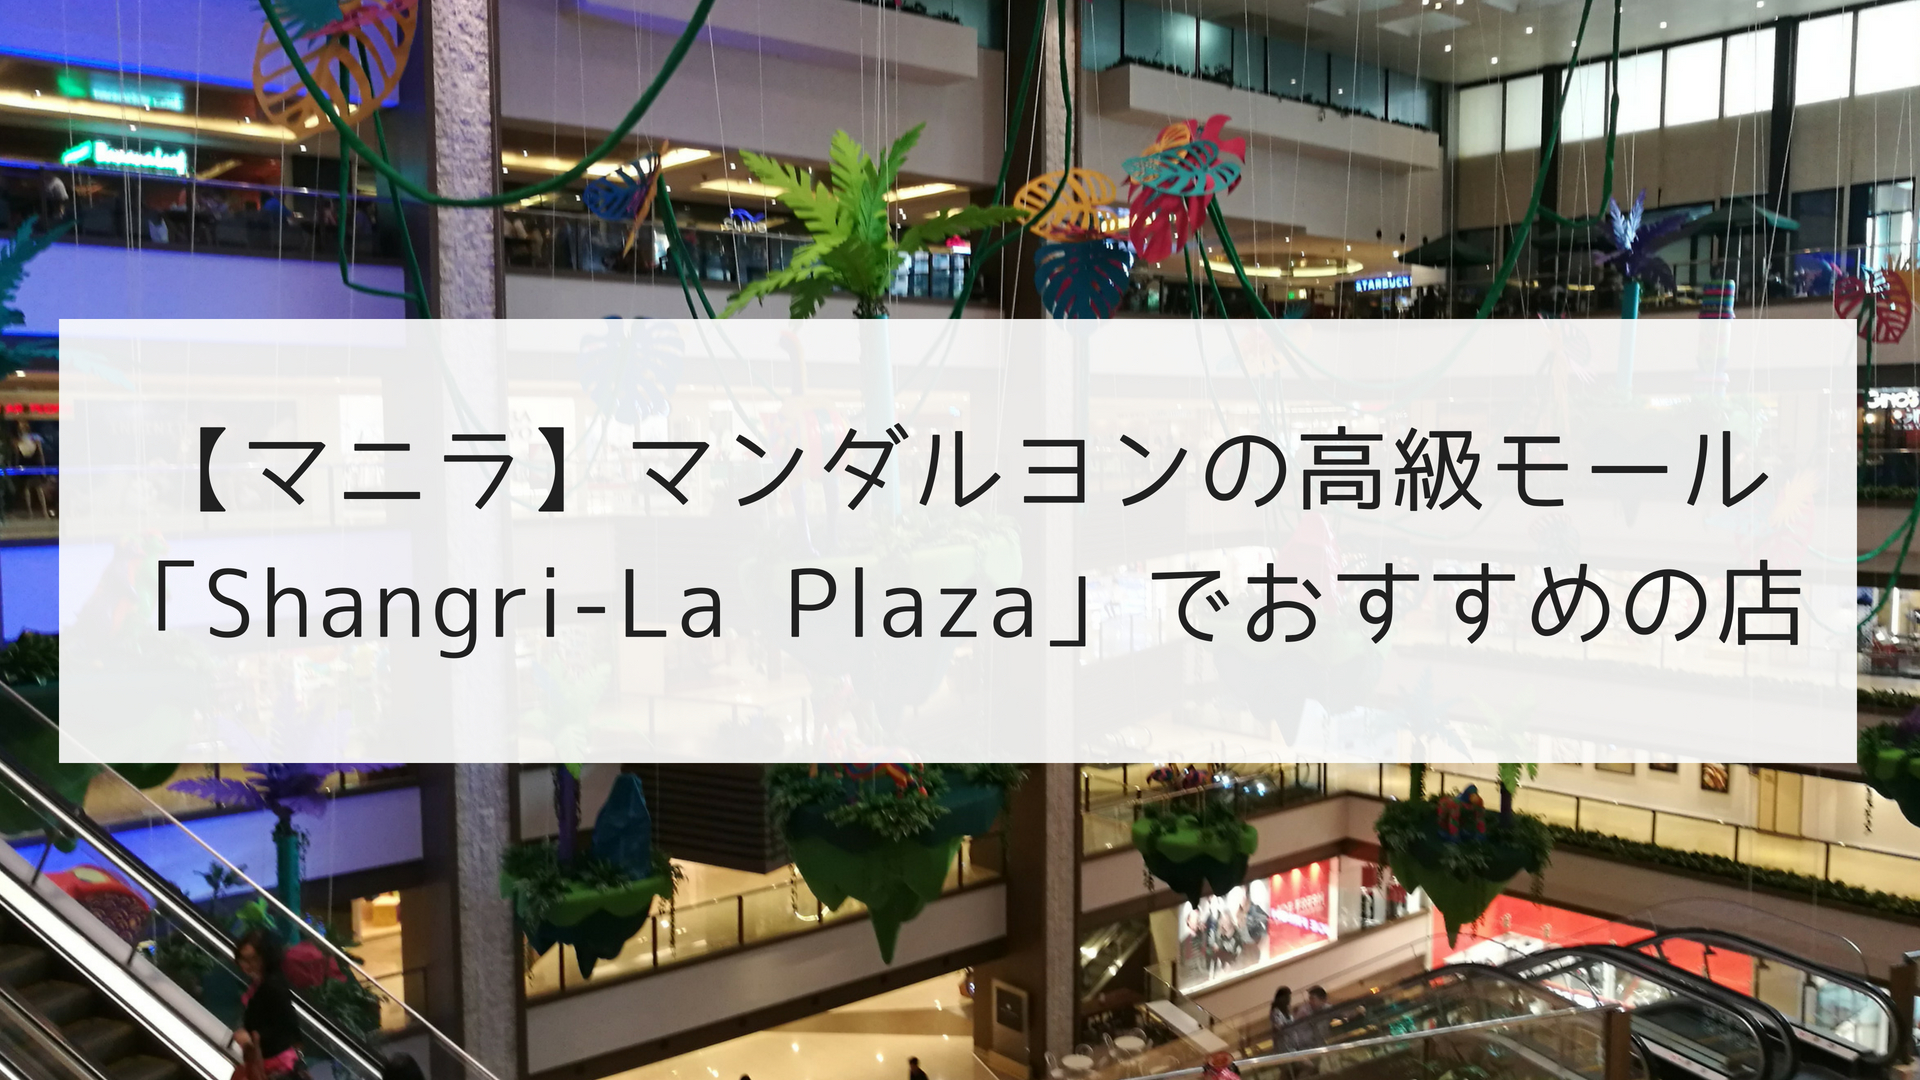 【マニラ】マンダルヨン市の高級モール「シャングリラ」のおすすめのレストラン